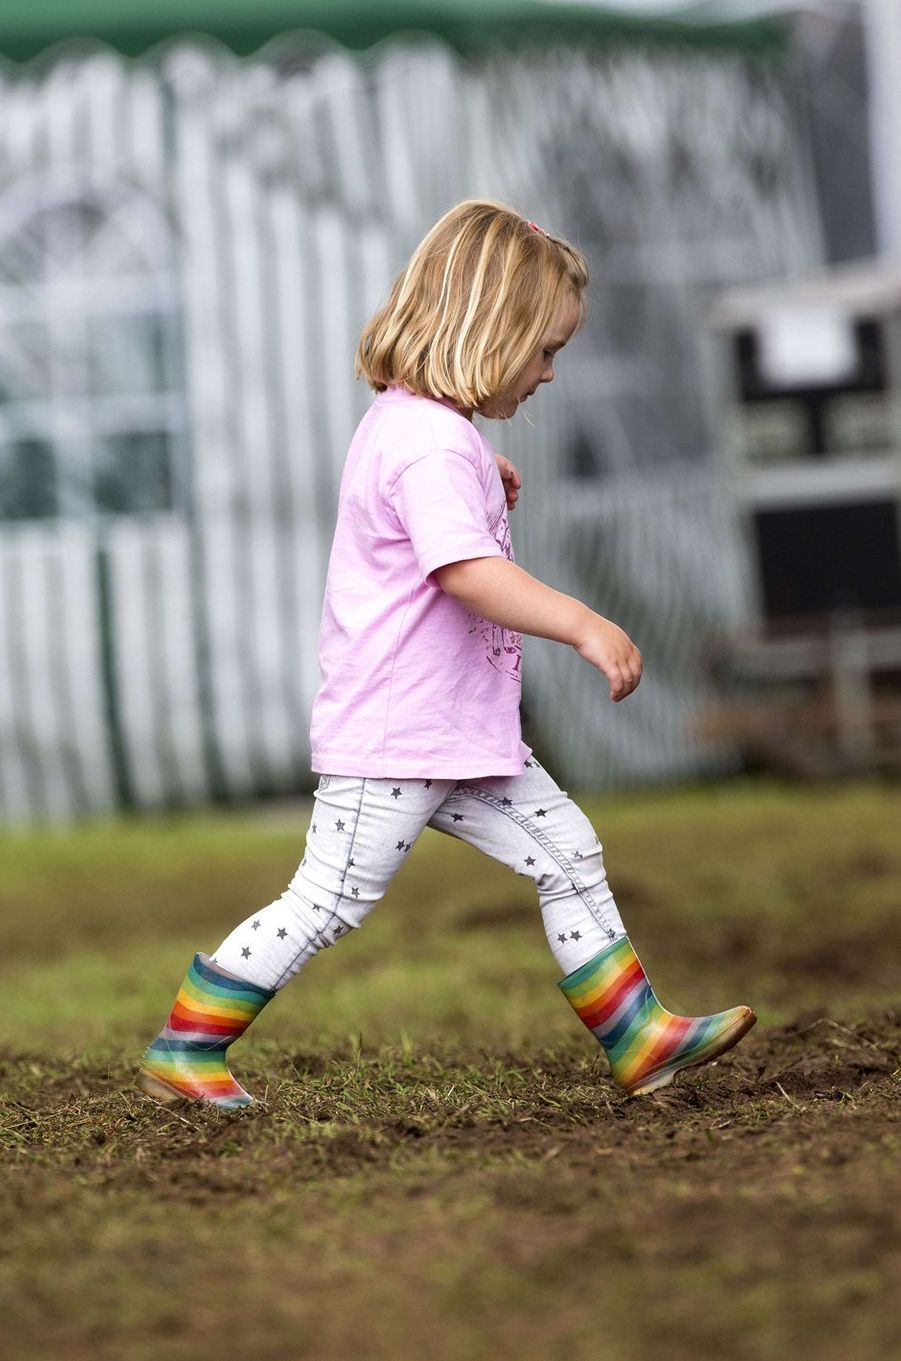 Mia Tindall, petite-fille de la princesse Anne, à Gatcombe Park le 4 août 2017